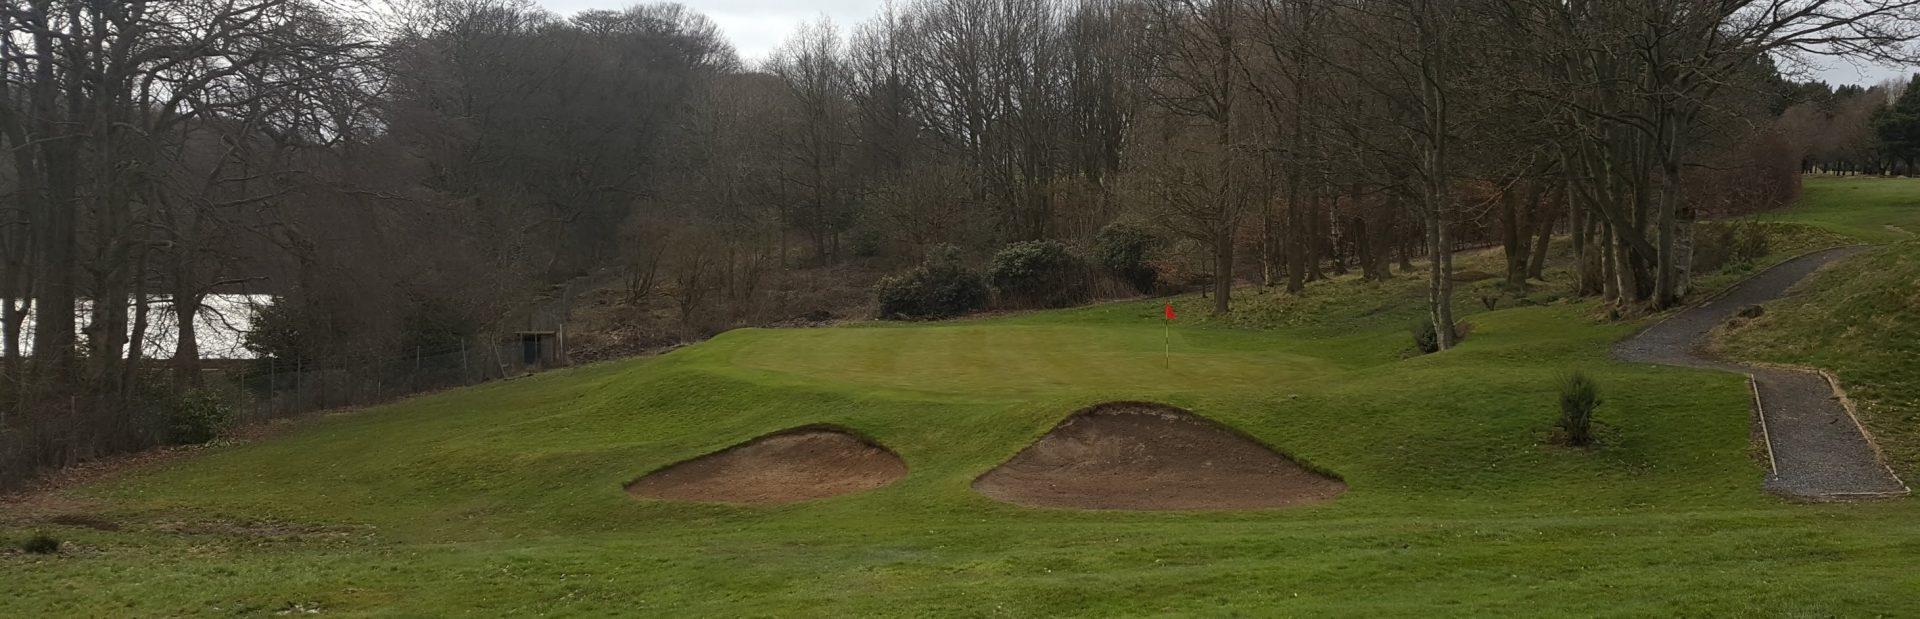 The 14th green at West Bradford Golf Club